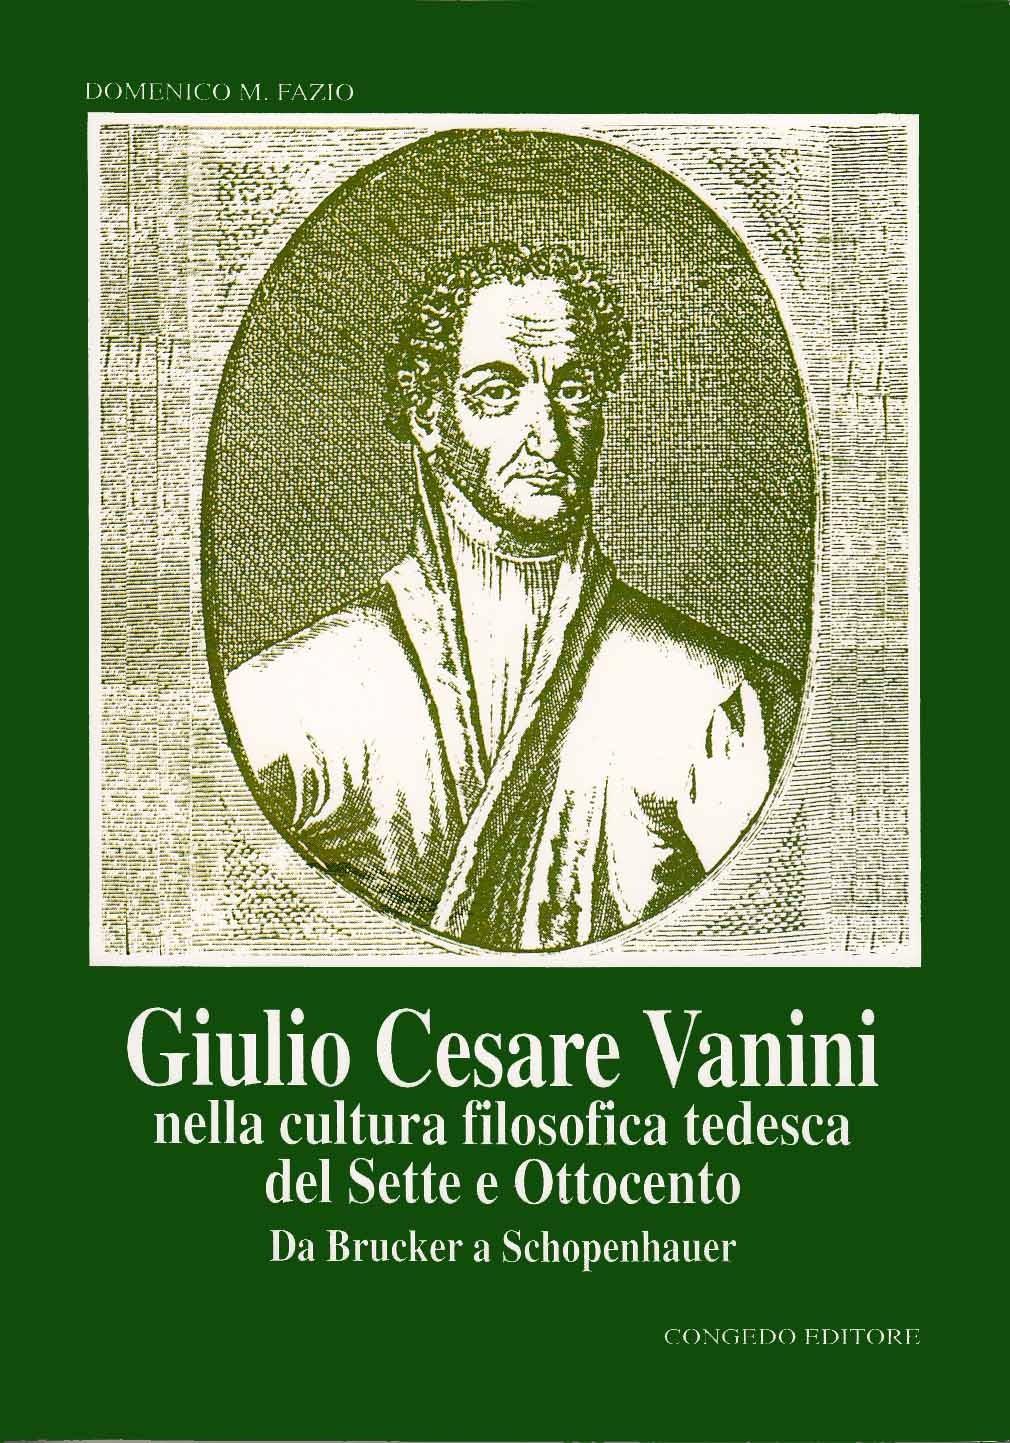 Giulio Cesare Vanini nella cultura filosofica tedesca del Sette e Ottocento. Da Brucker a Schopenhauer